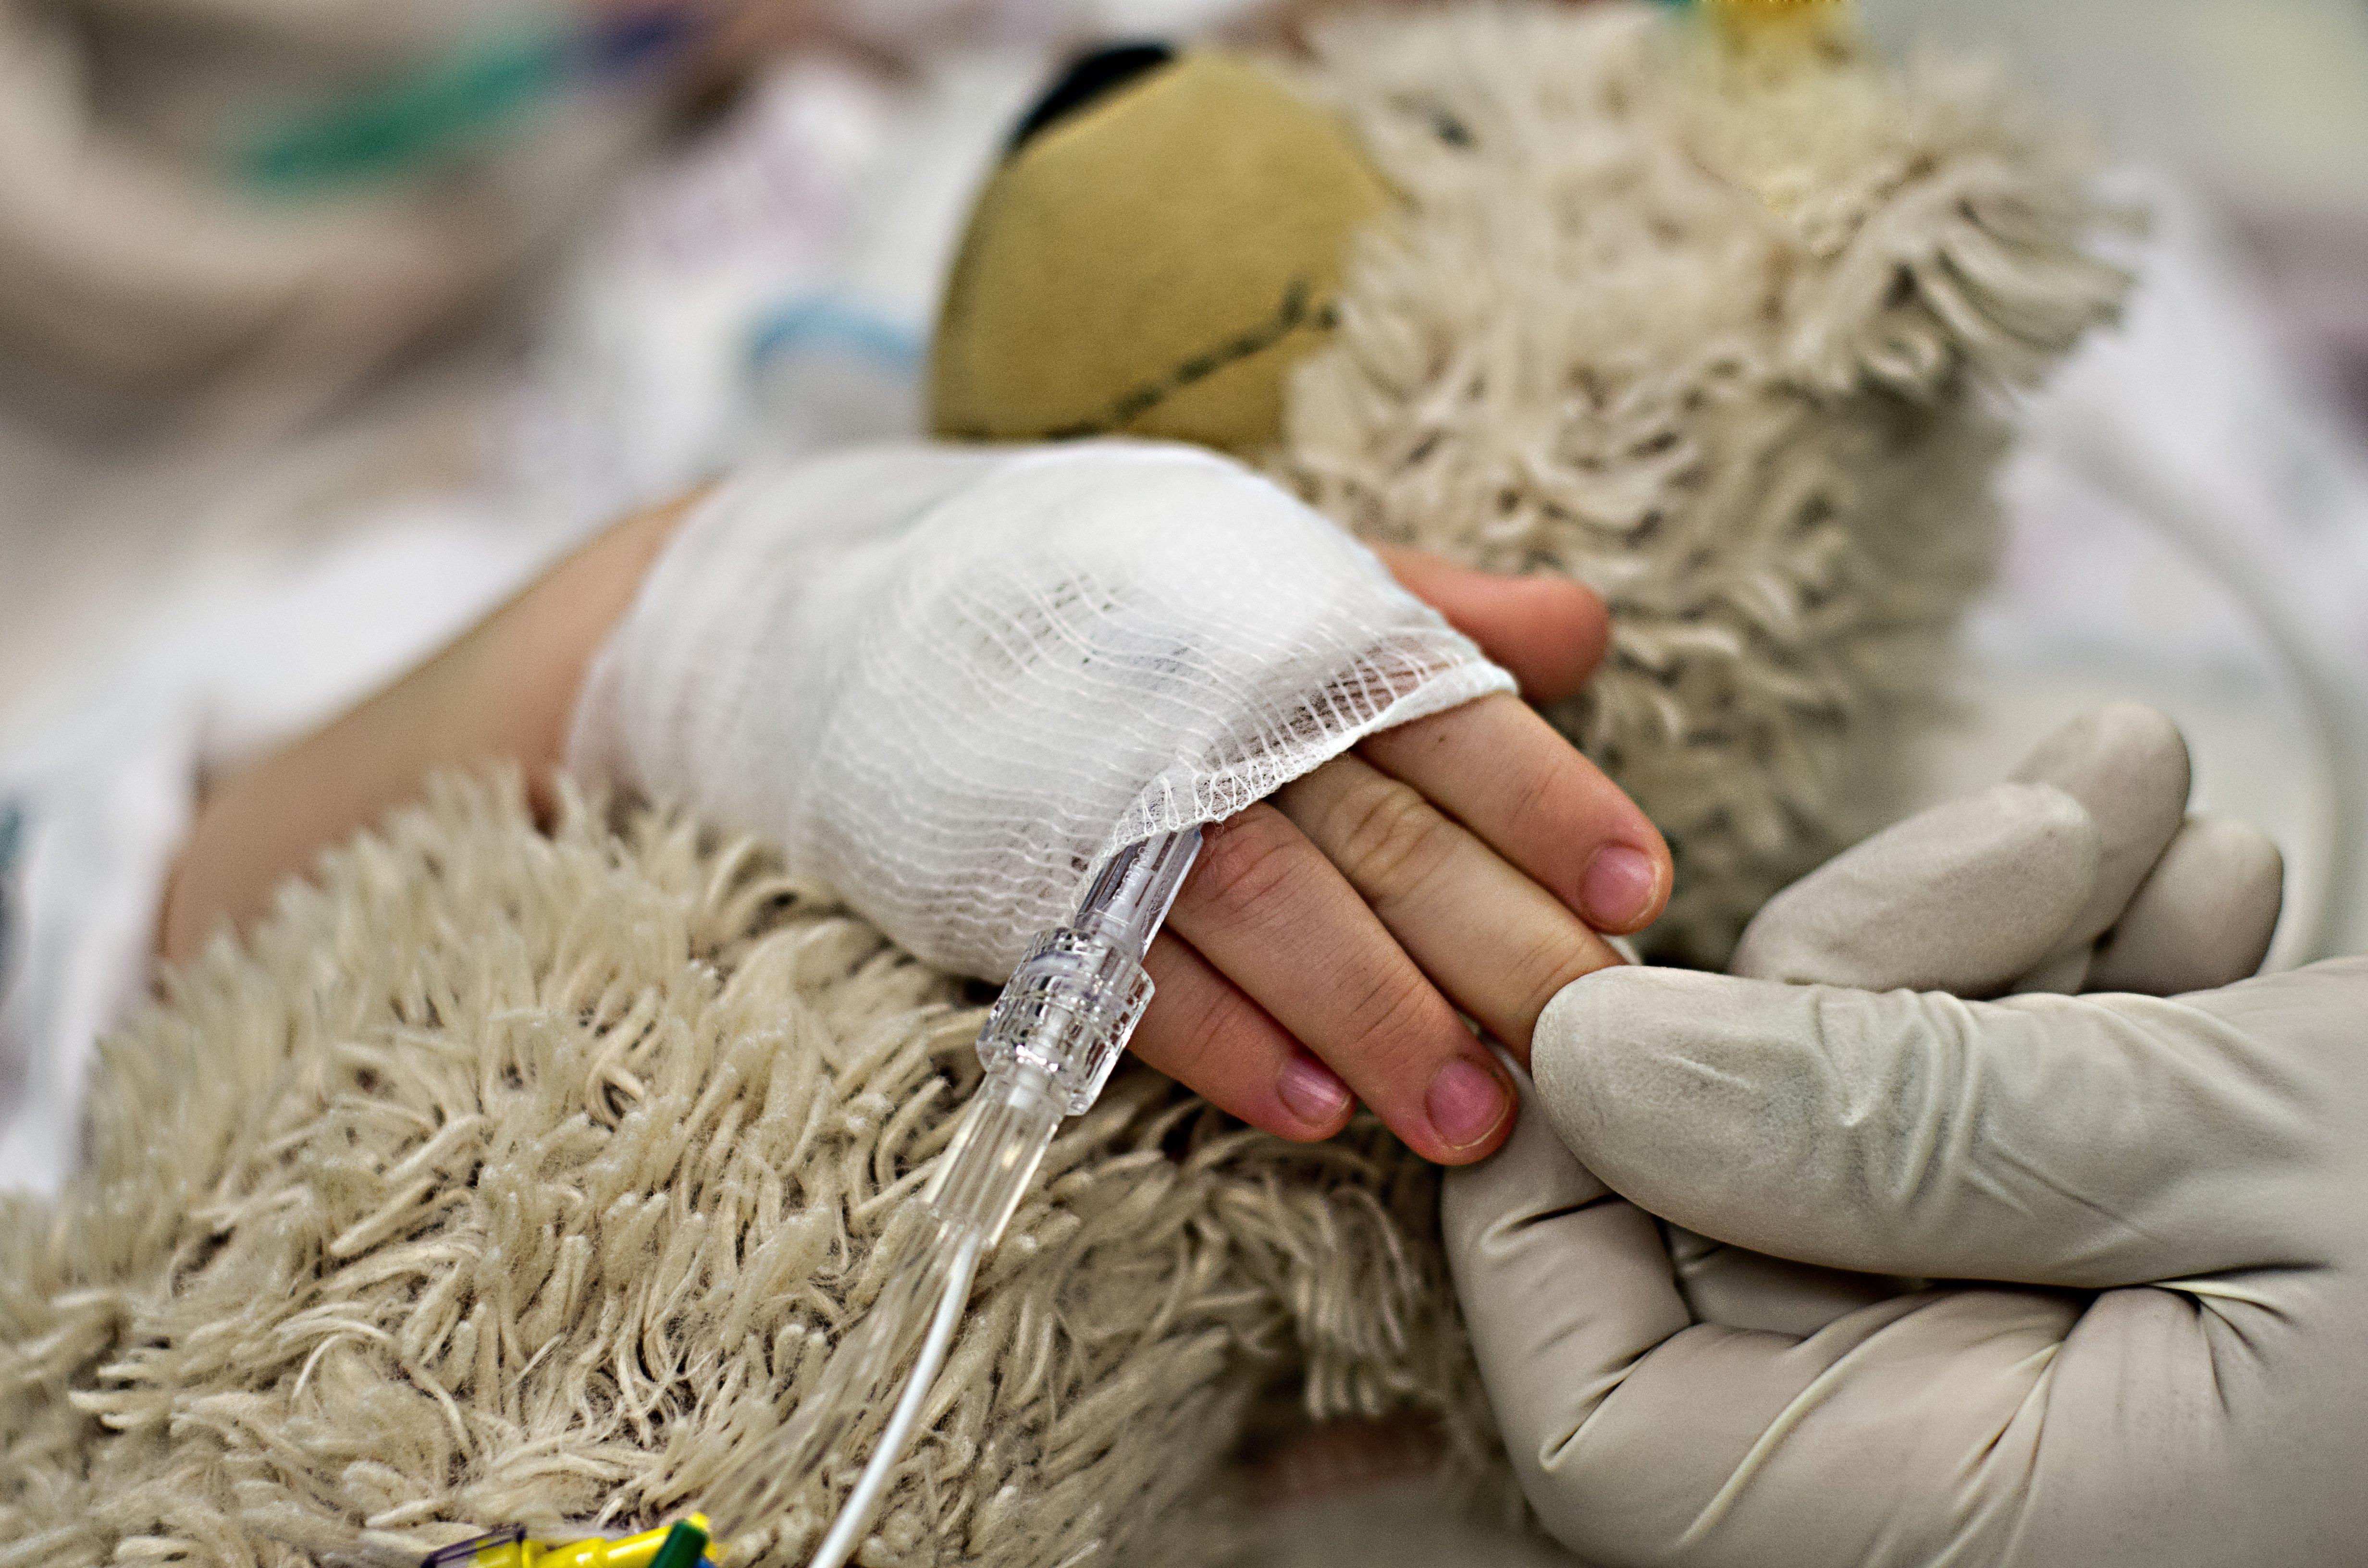 Teddybär wird von Kind im Krankenhaus umklammert